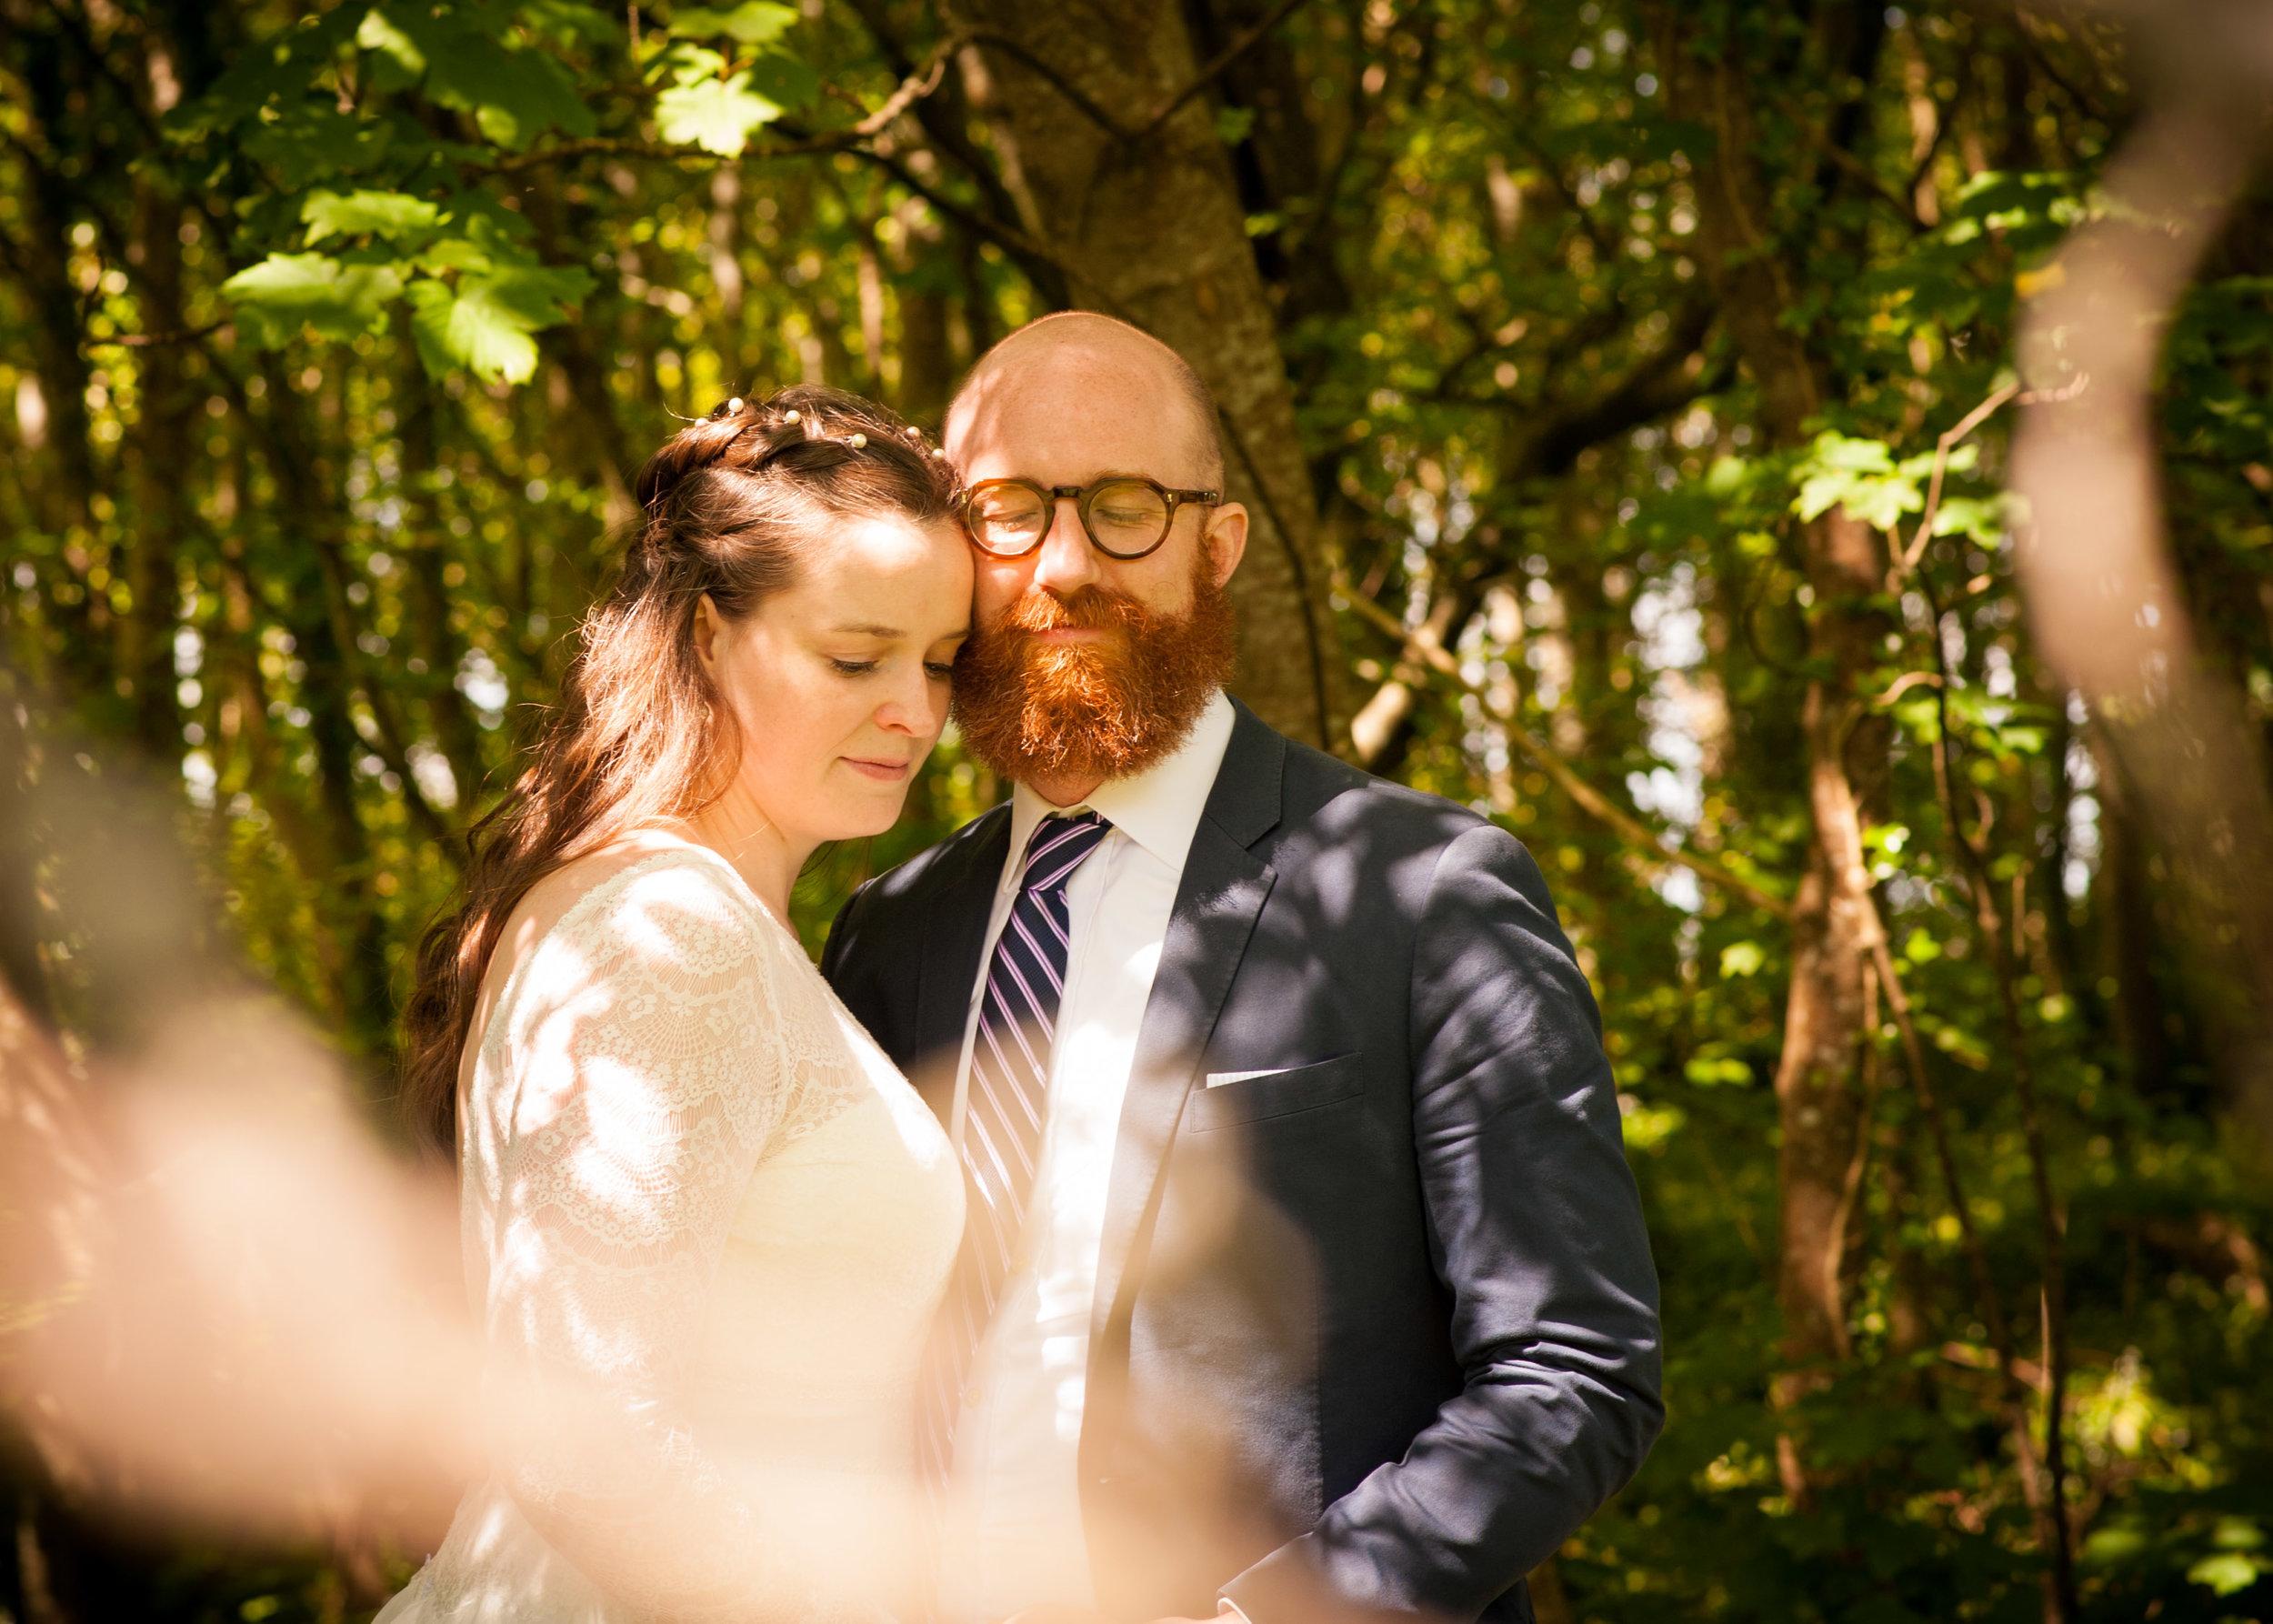 Contact Sligo Ireland Wedding Photographer - Mark Capilitan